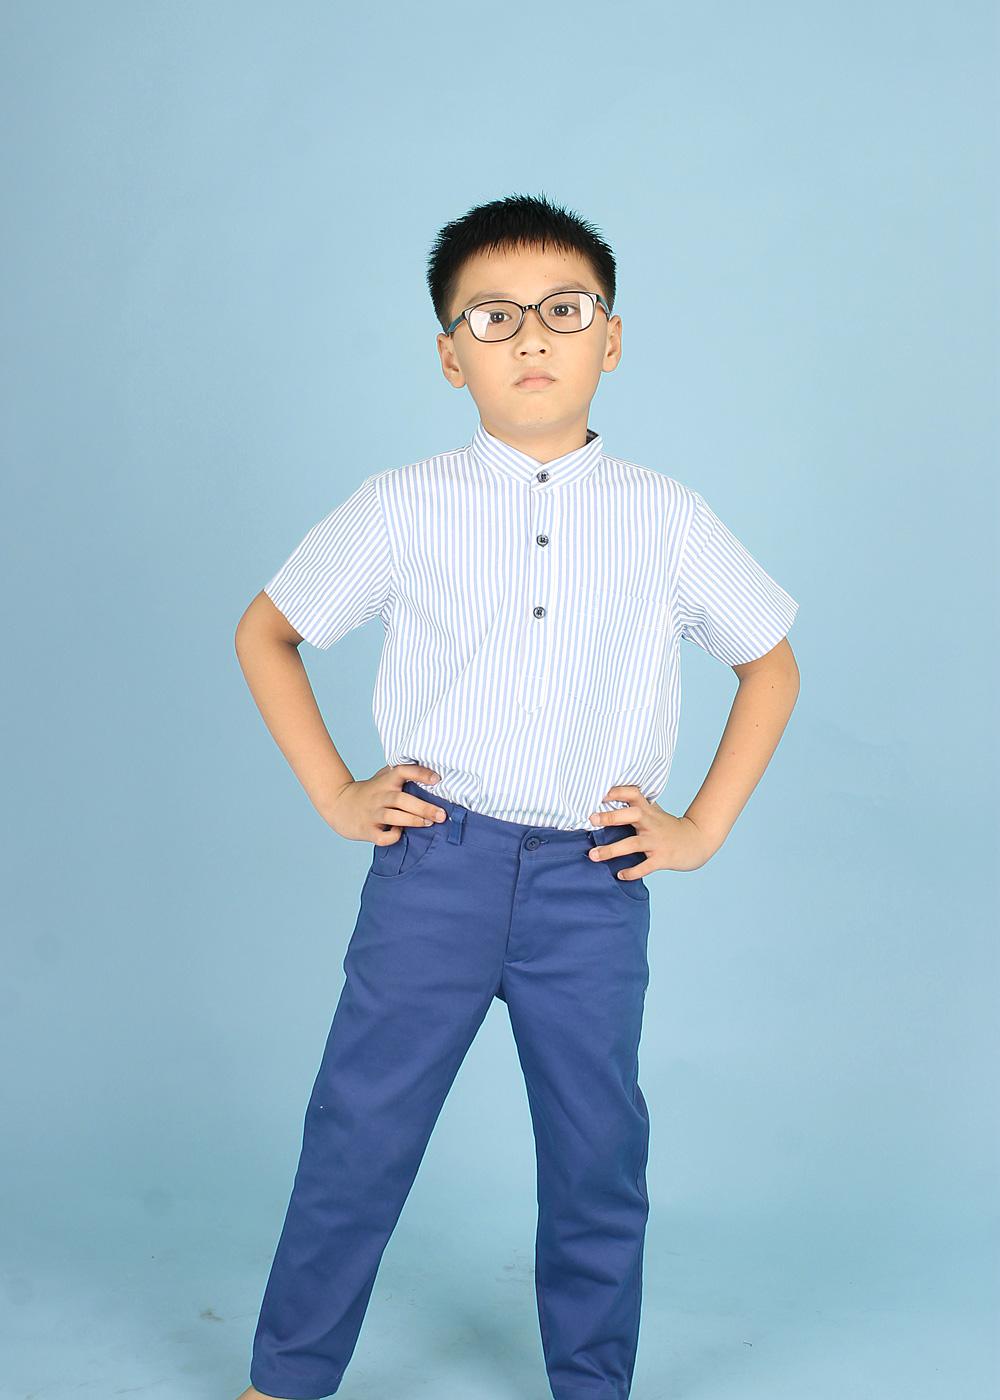 Quần áo bé trai 5 tuổi thời trang, Tủ gỗ đựng quần áo, 12 tuổi, Thanh Hóa -  Jadiny